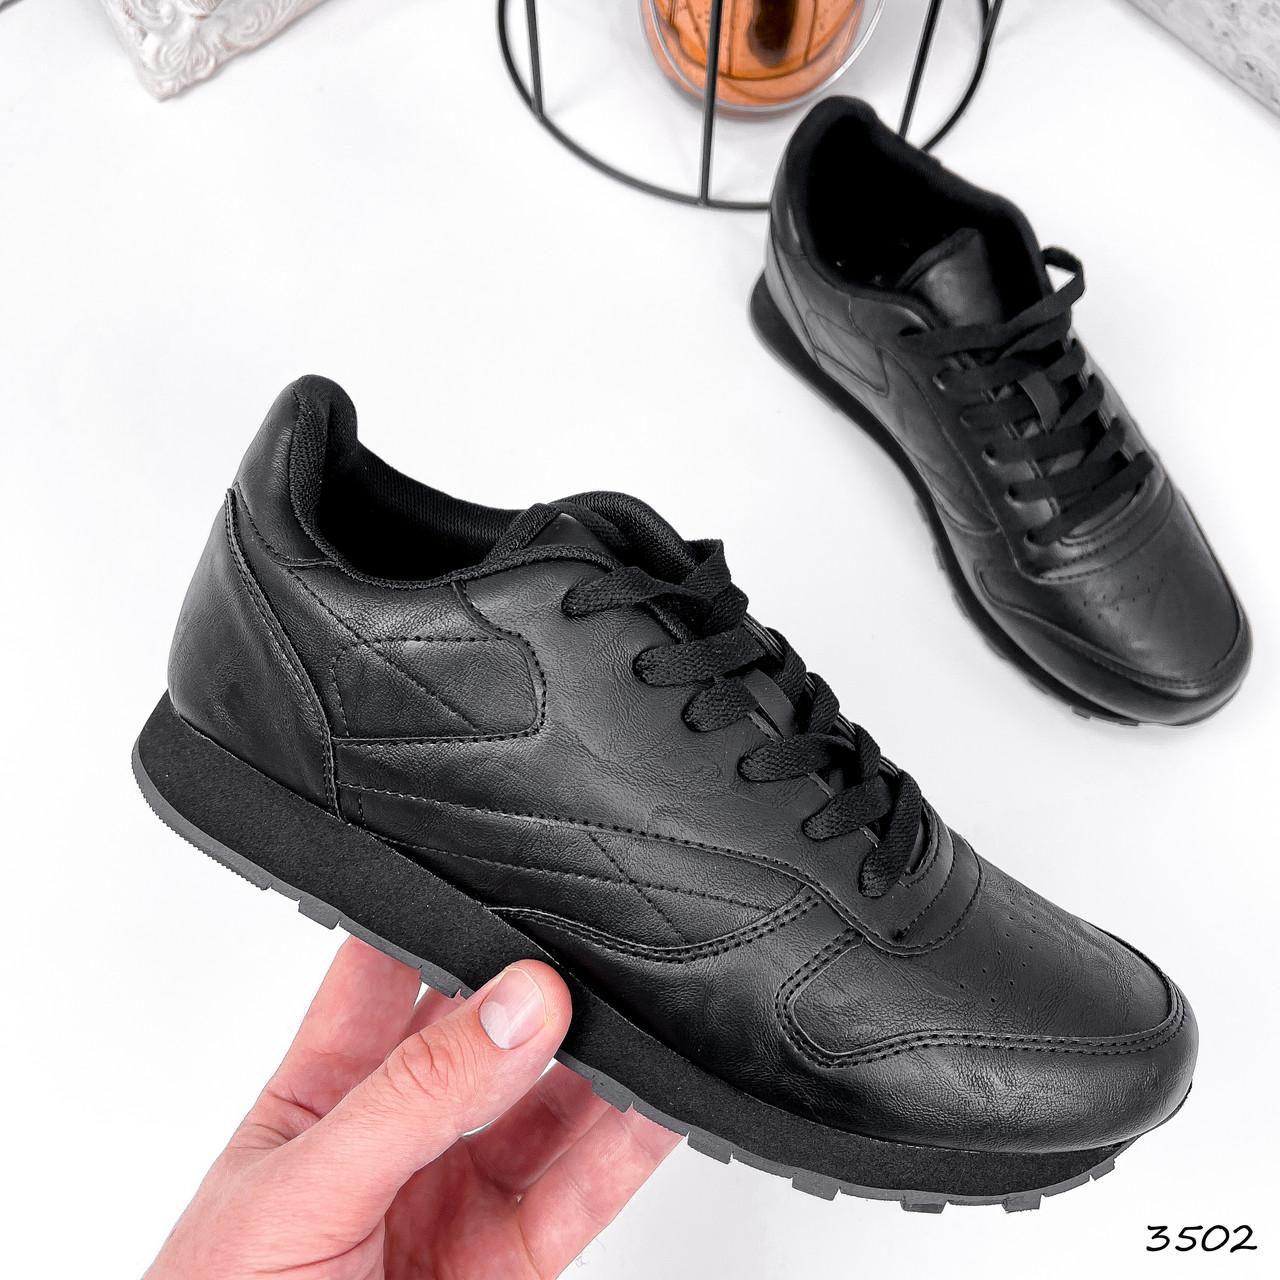 Кроссовки мужские Riob черные 3502